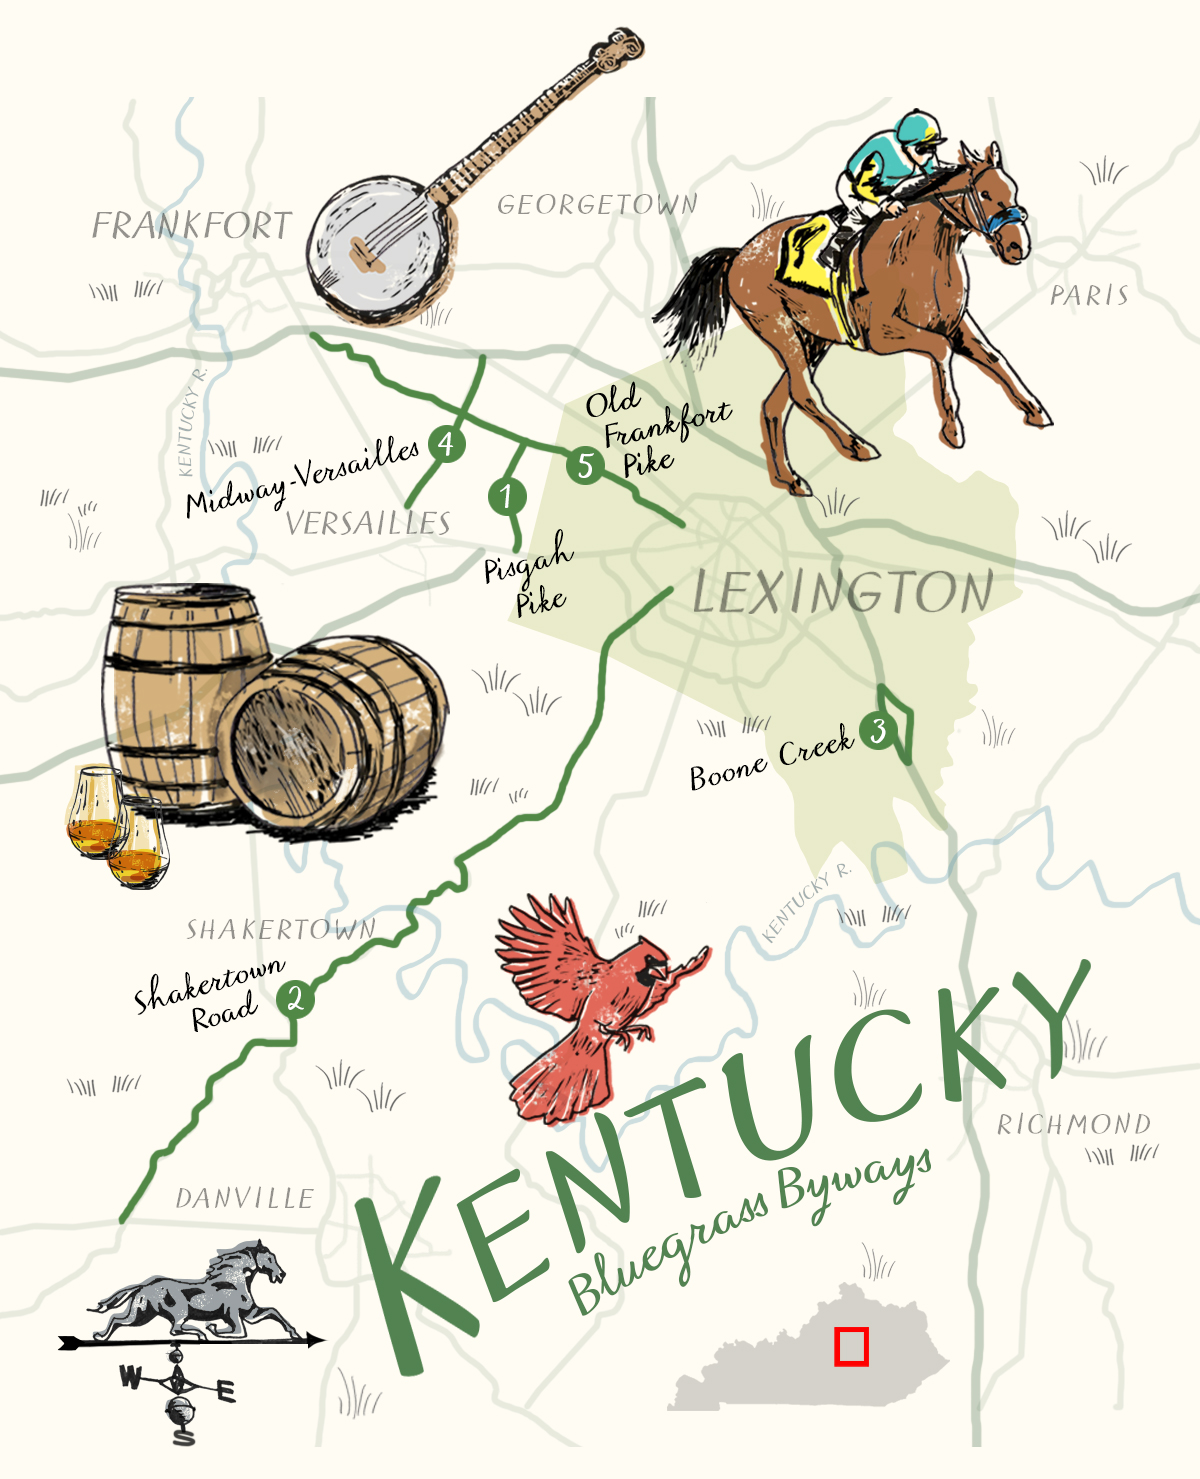 Maps! by ScottLexington, Kentucky - Maps! by Scott